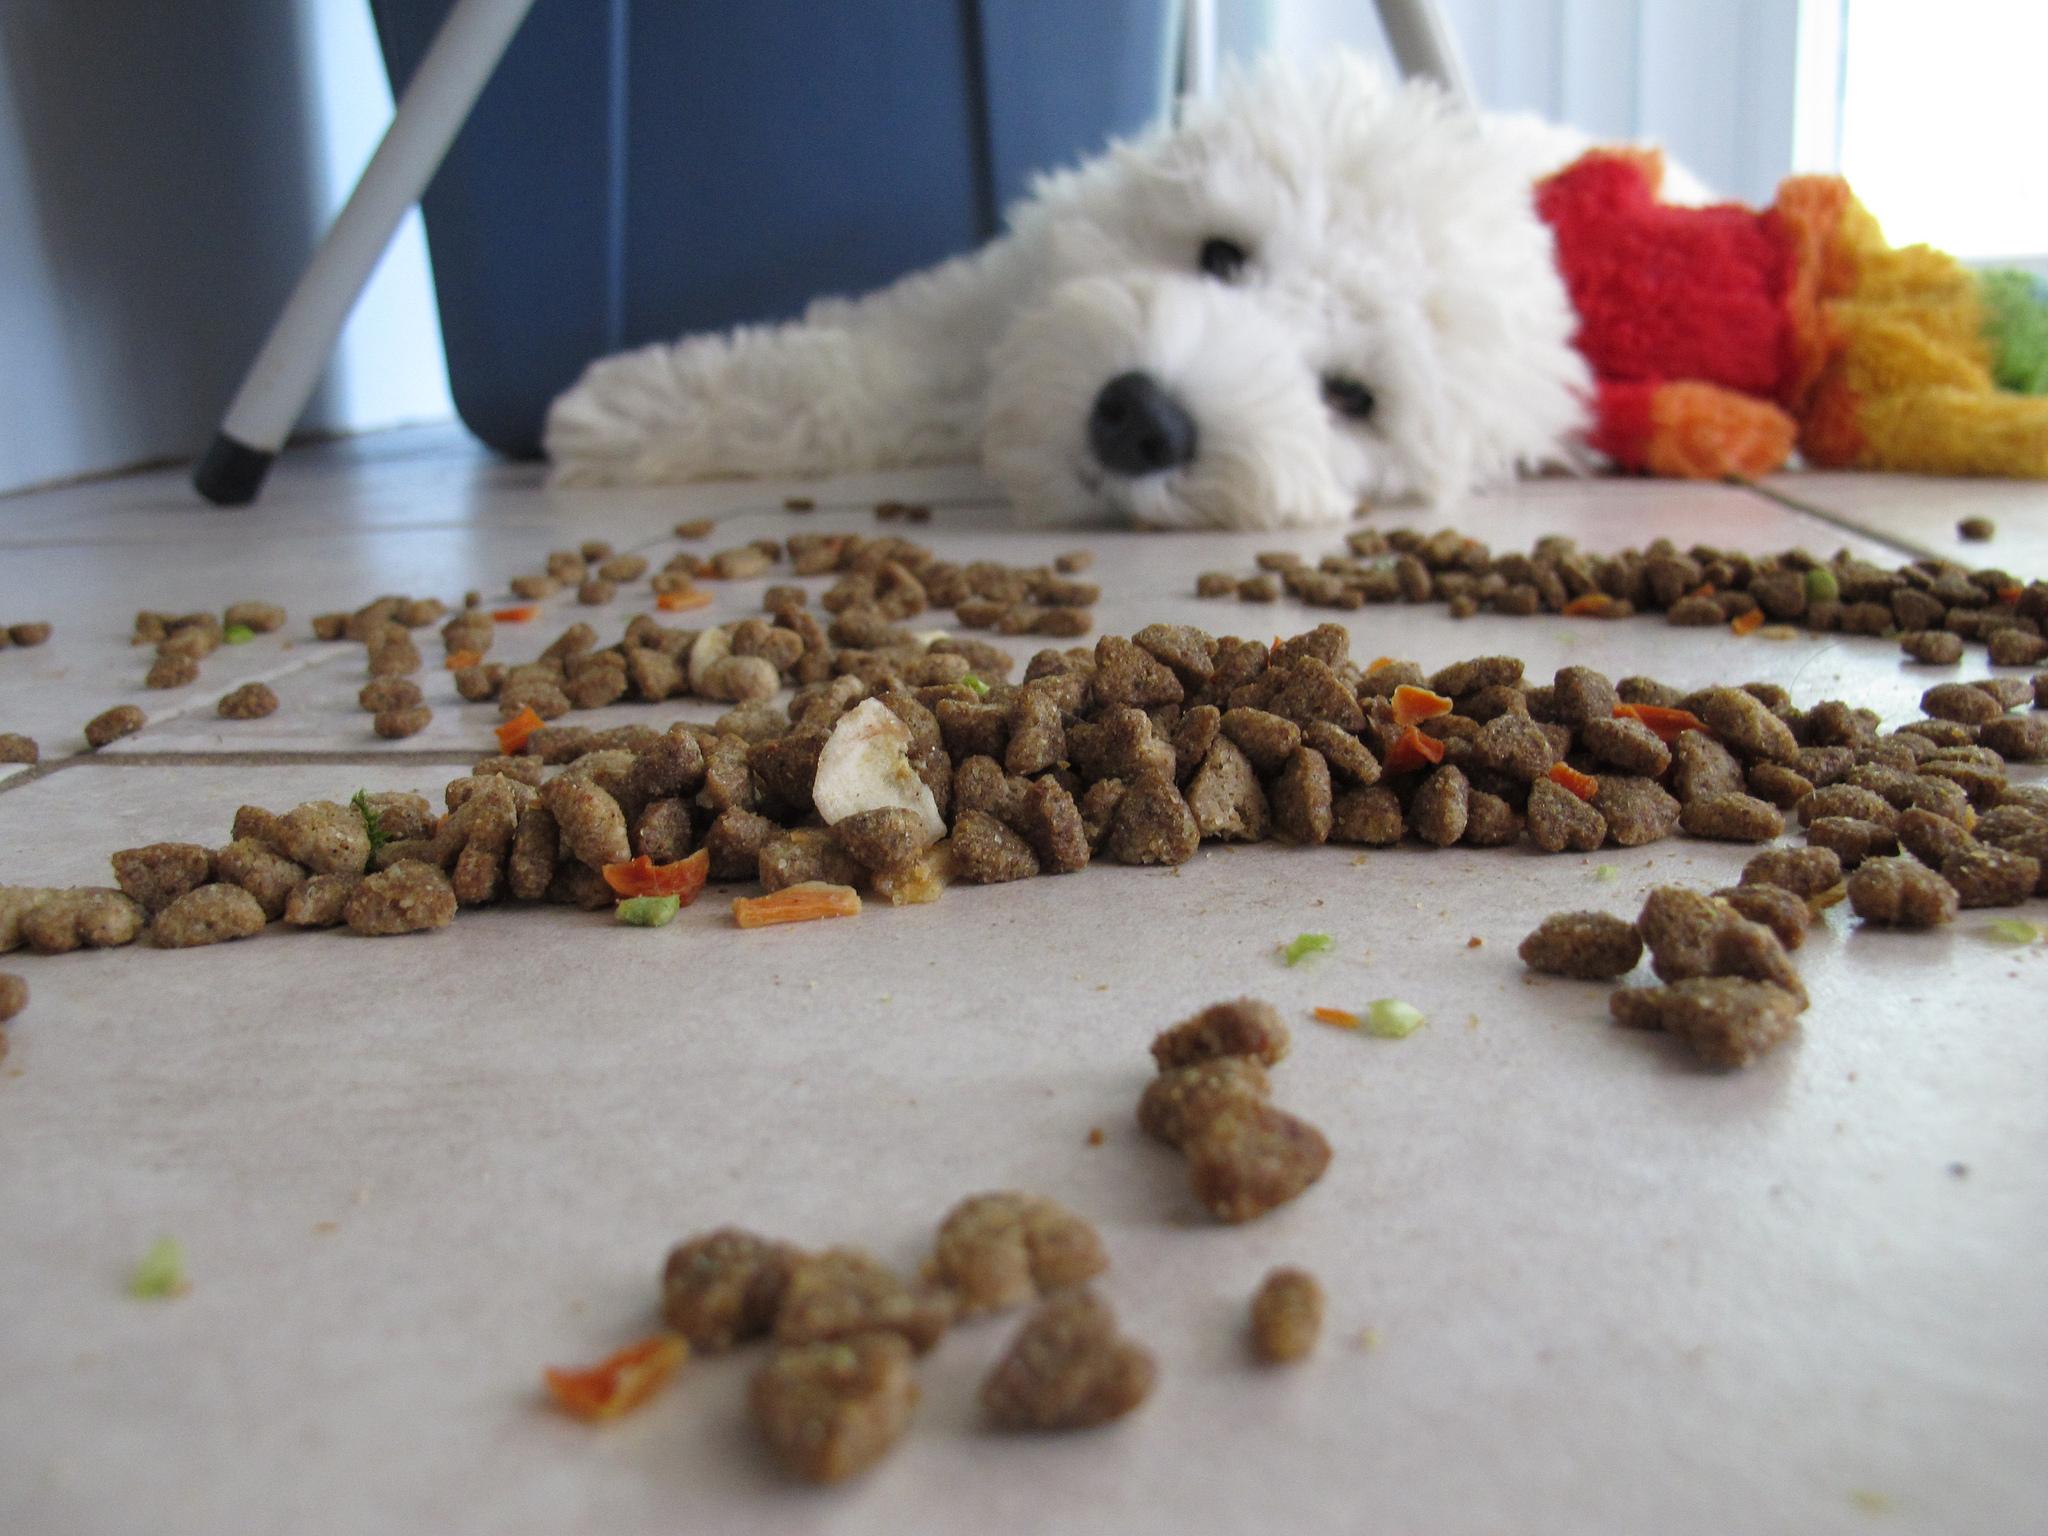 Mejoran la marca de pienso para perros Beneful